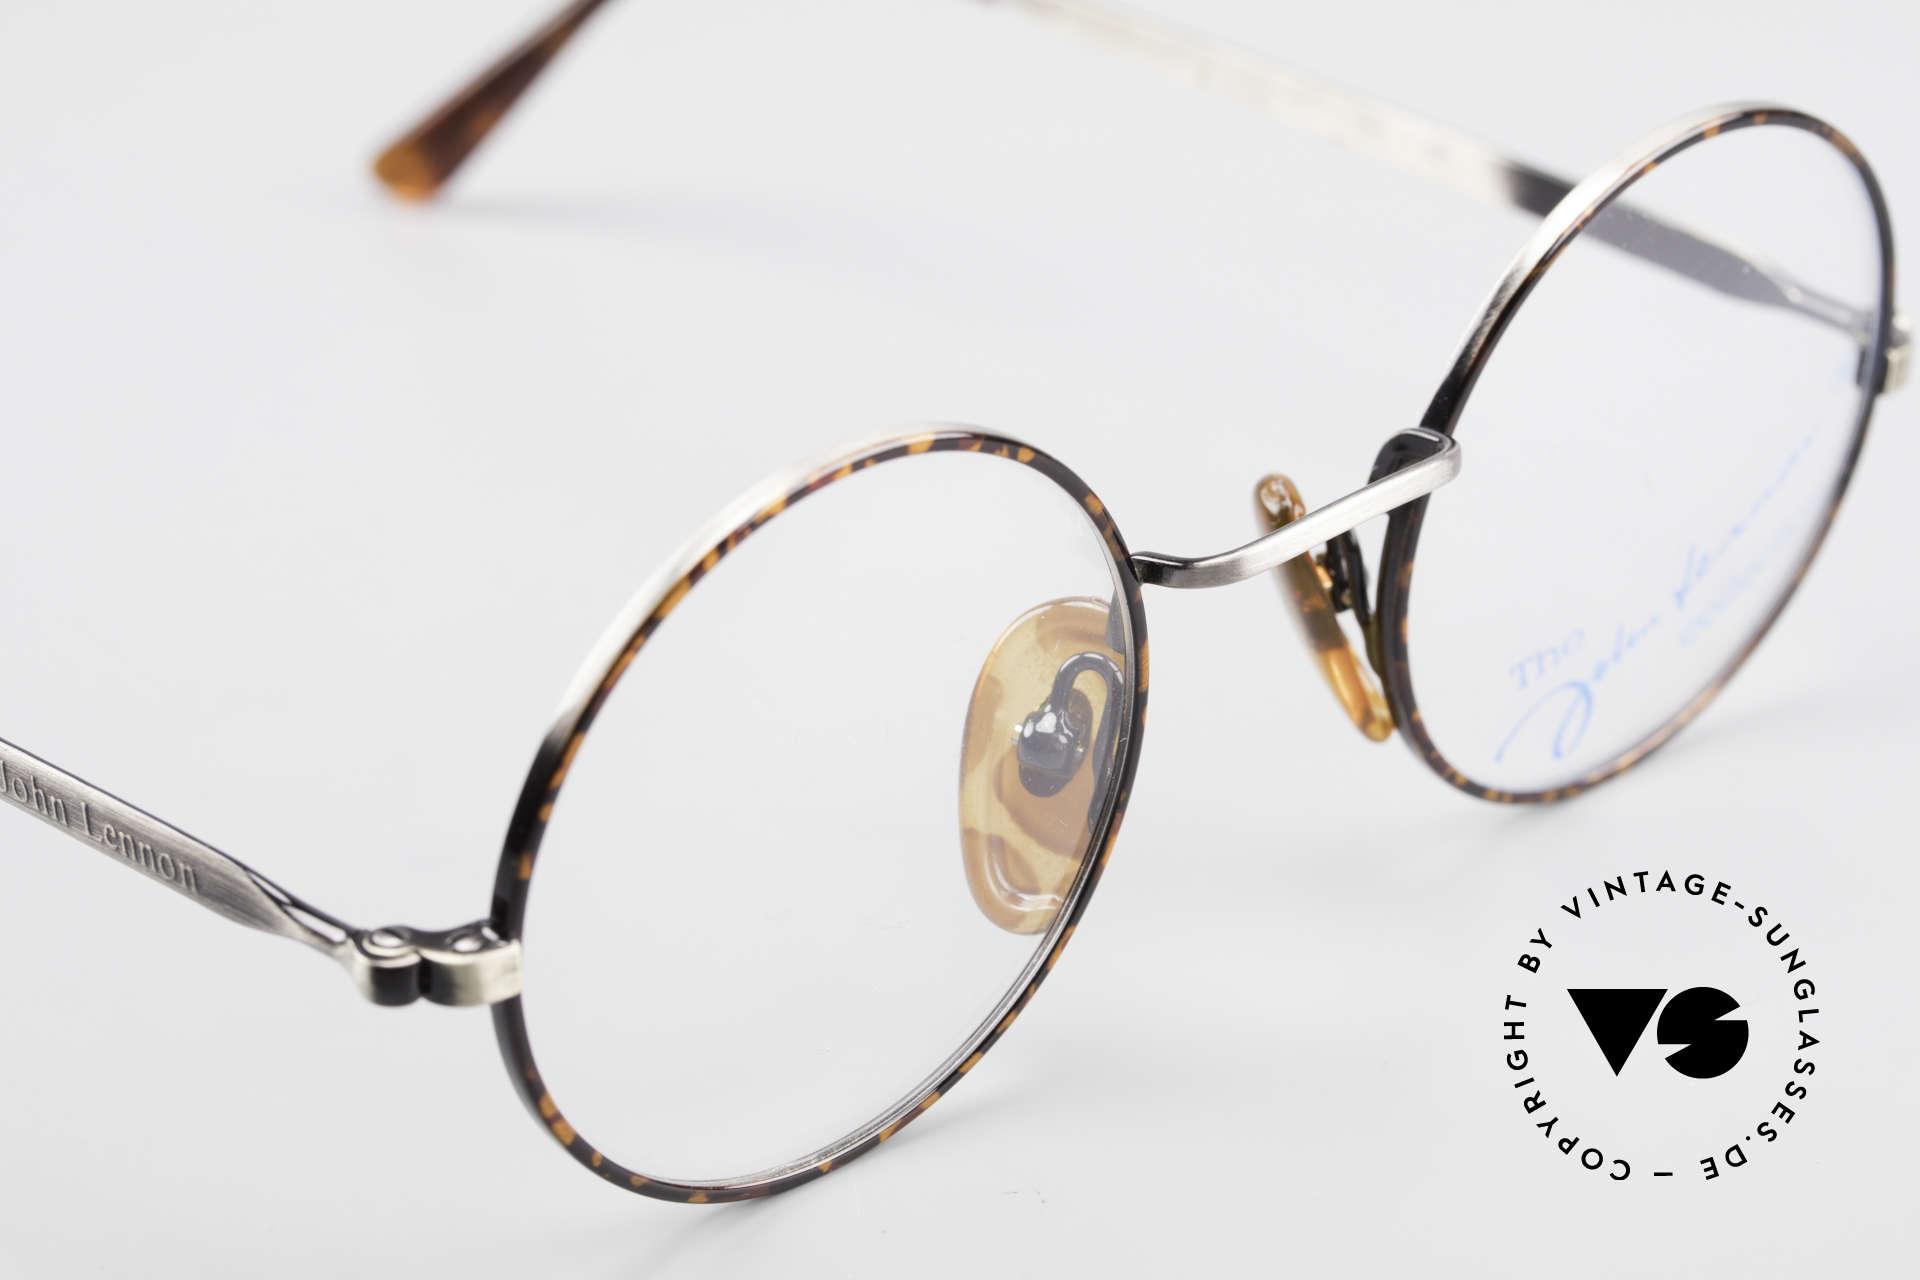 John Lennon - Revolution Small Round Vintage Glasses, unworn (like all our vintage John Lennon glasses), Made for Men and Women